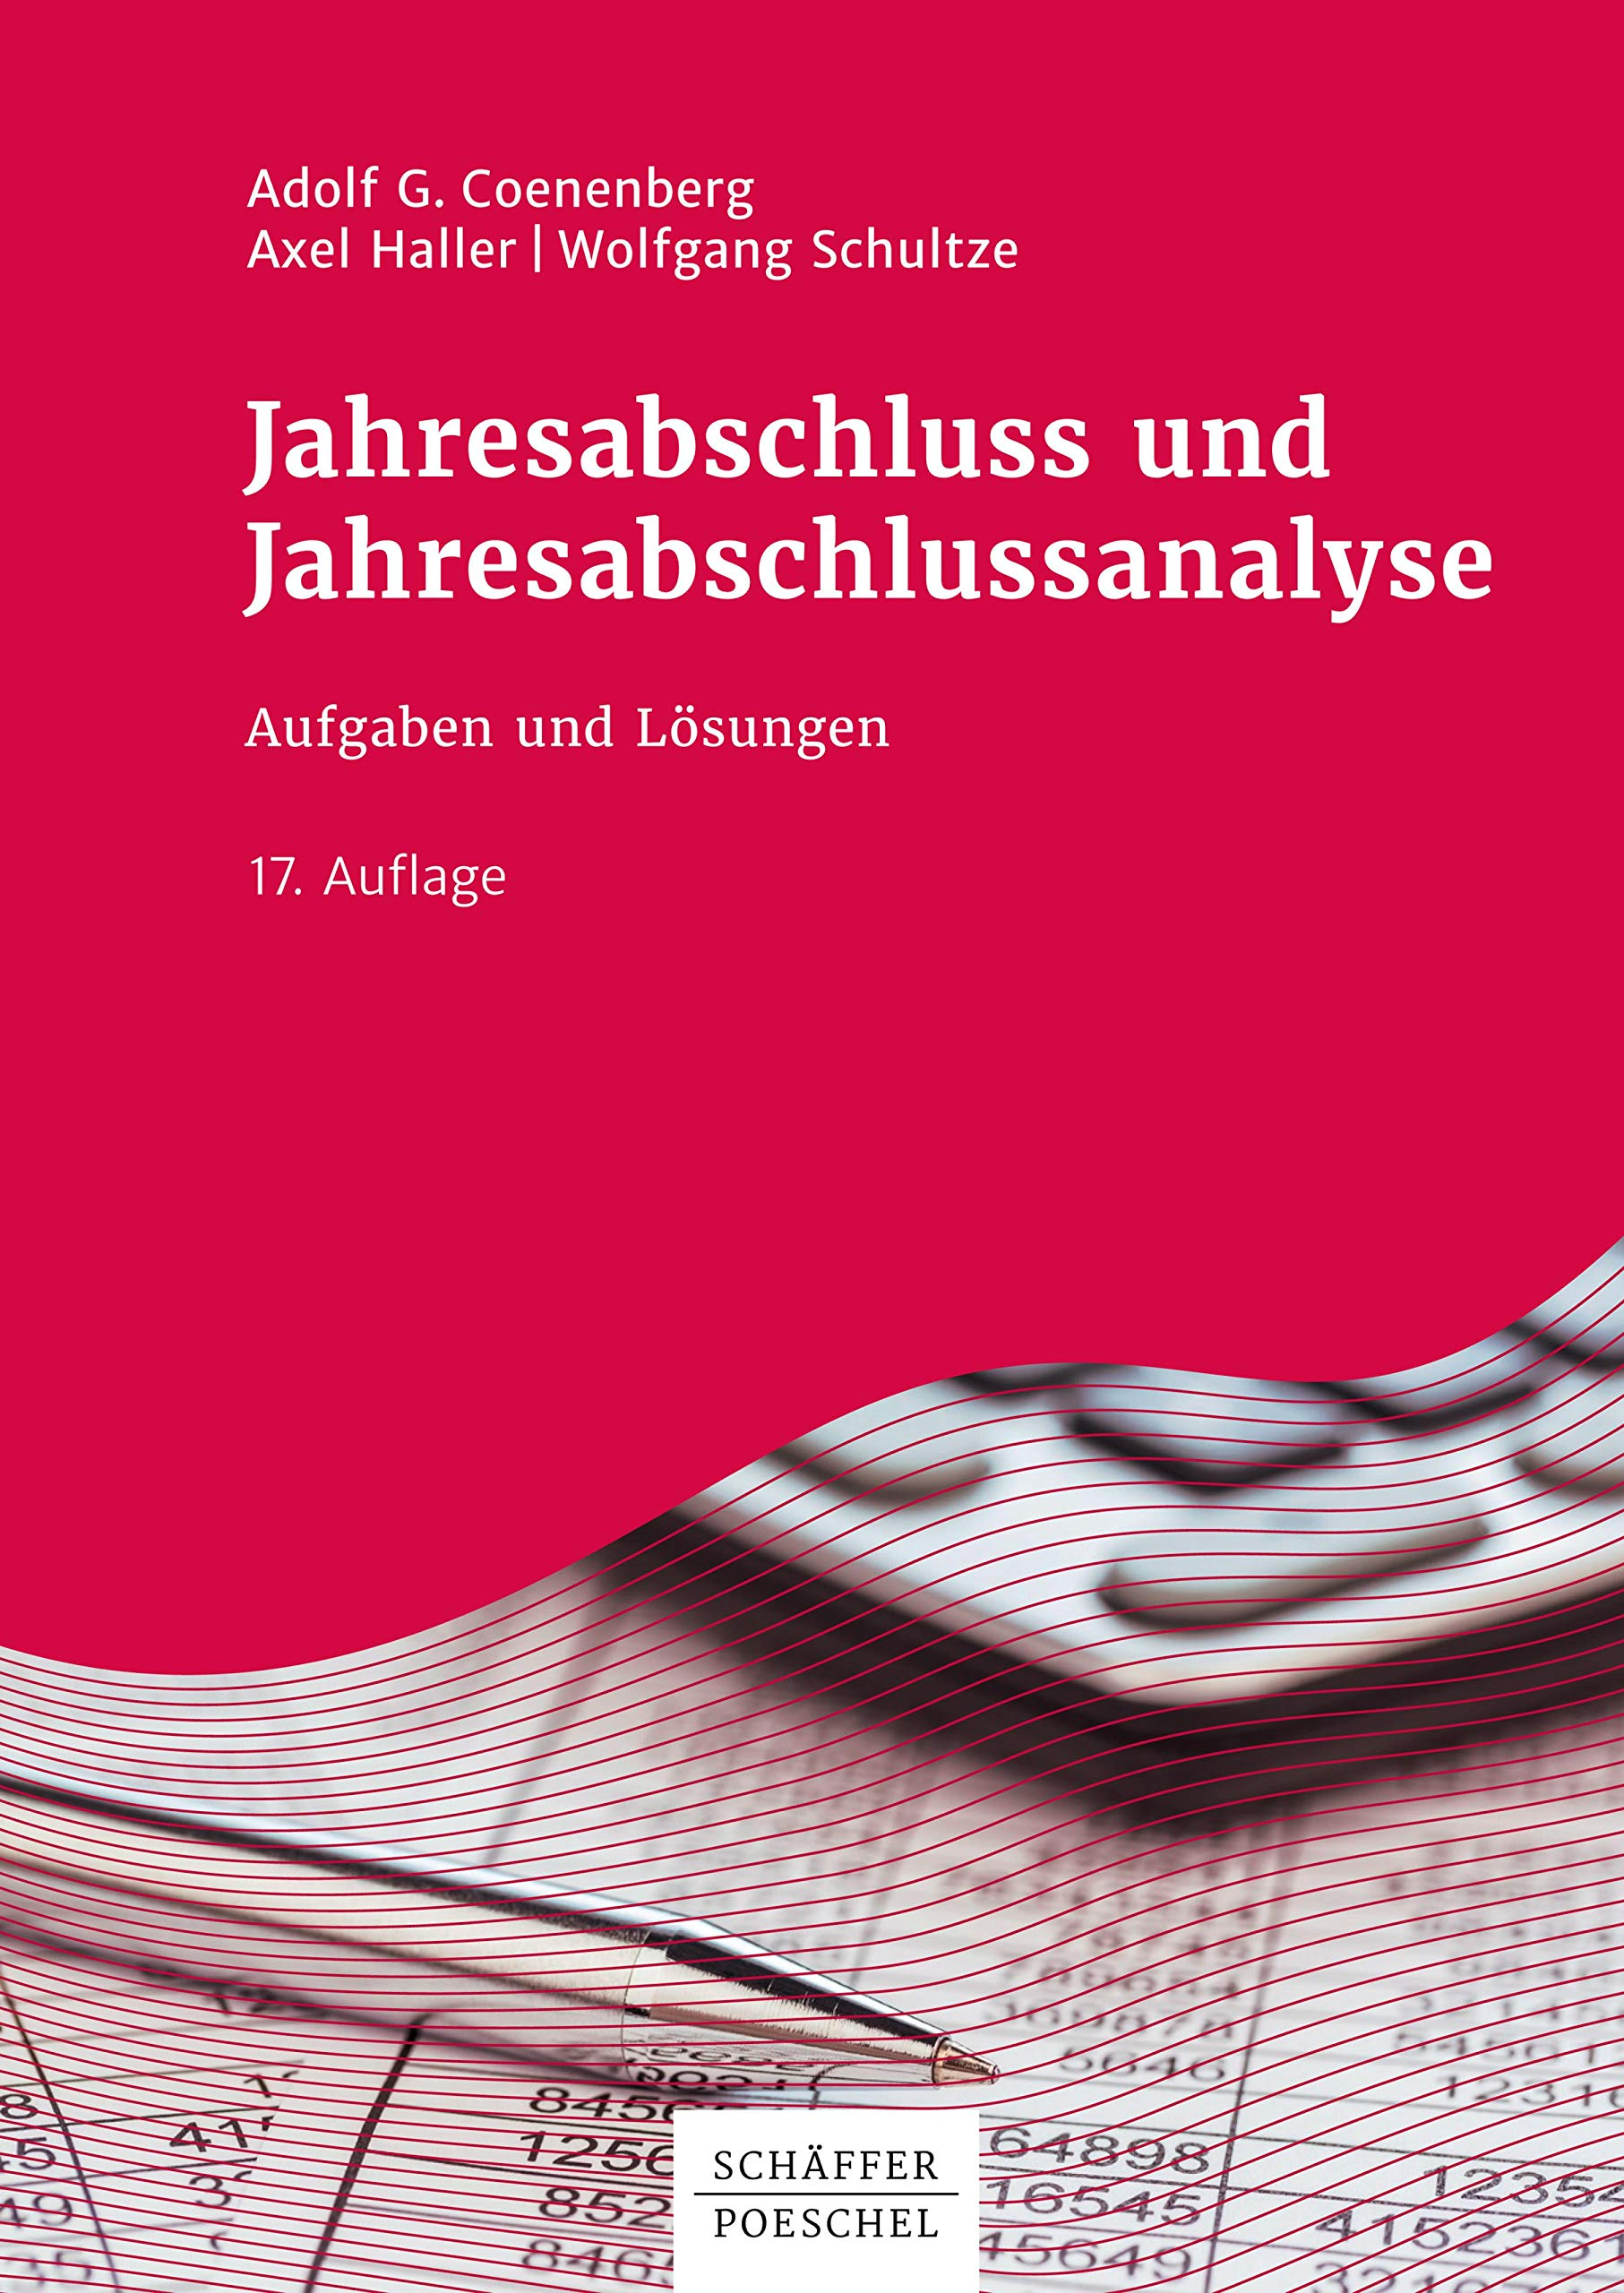 Jahresabschluss Und Jahresabschlussanalyse  Aufgaben Und Lösungen